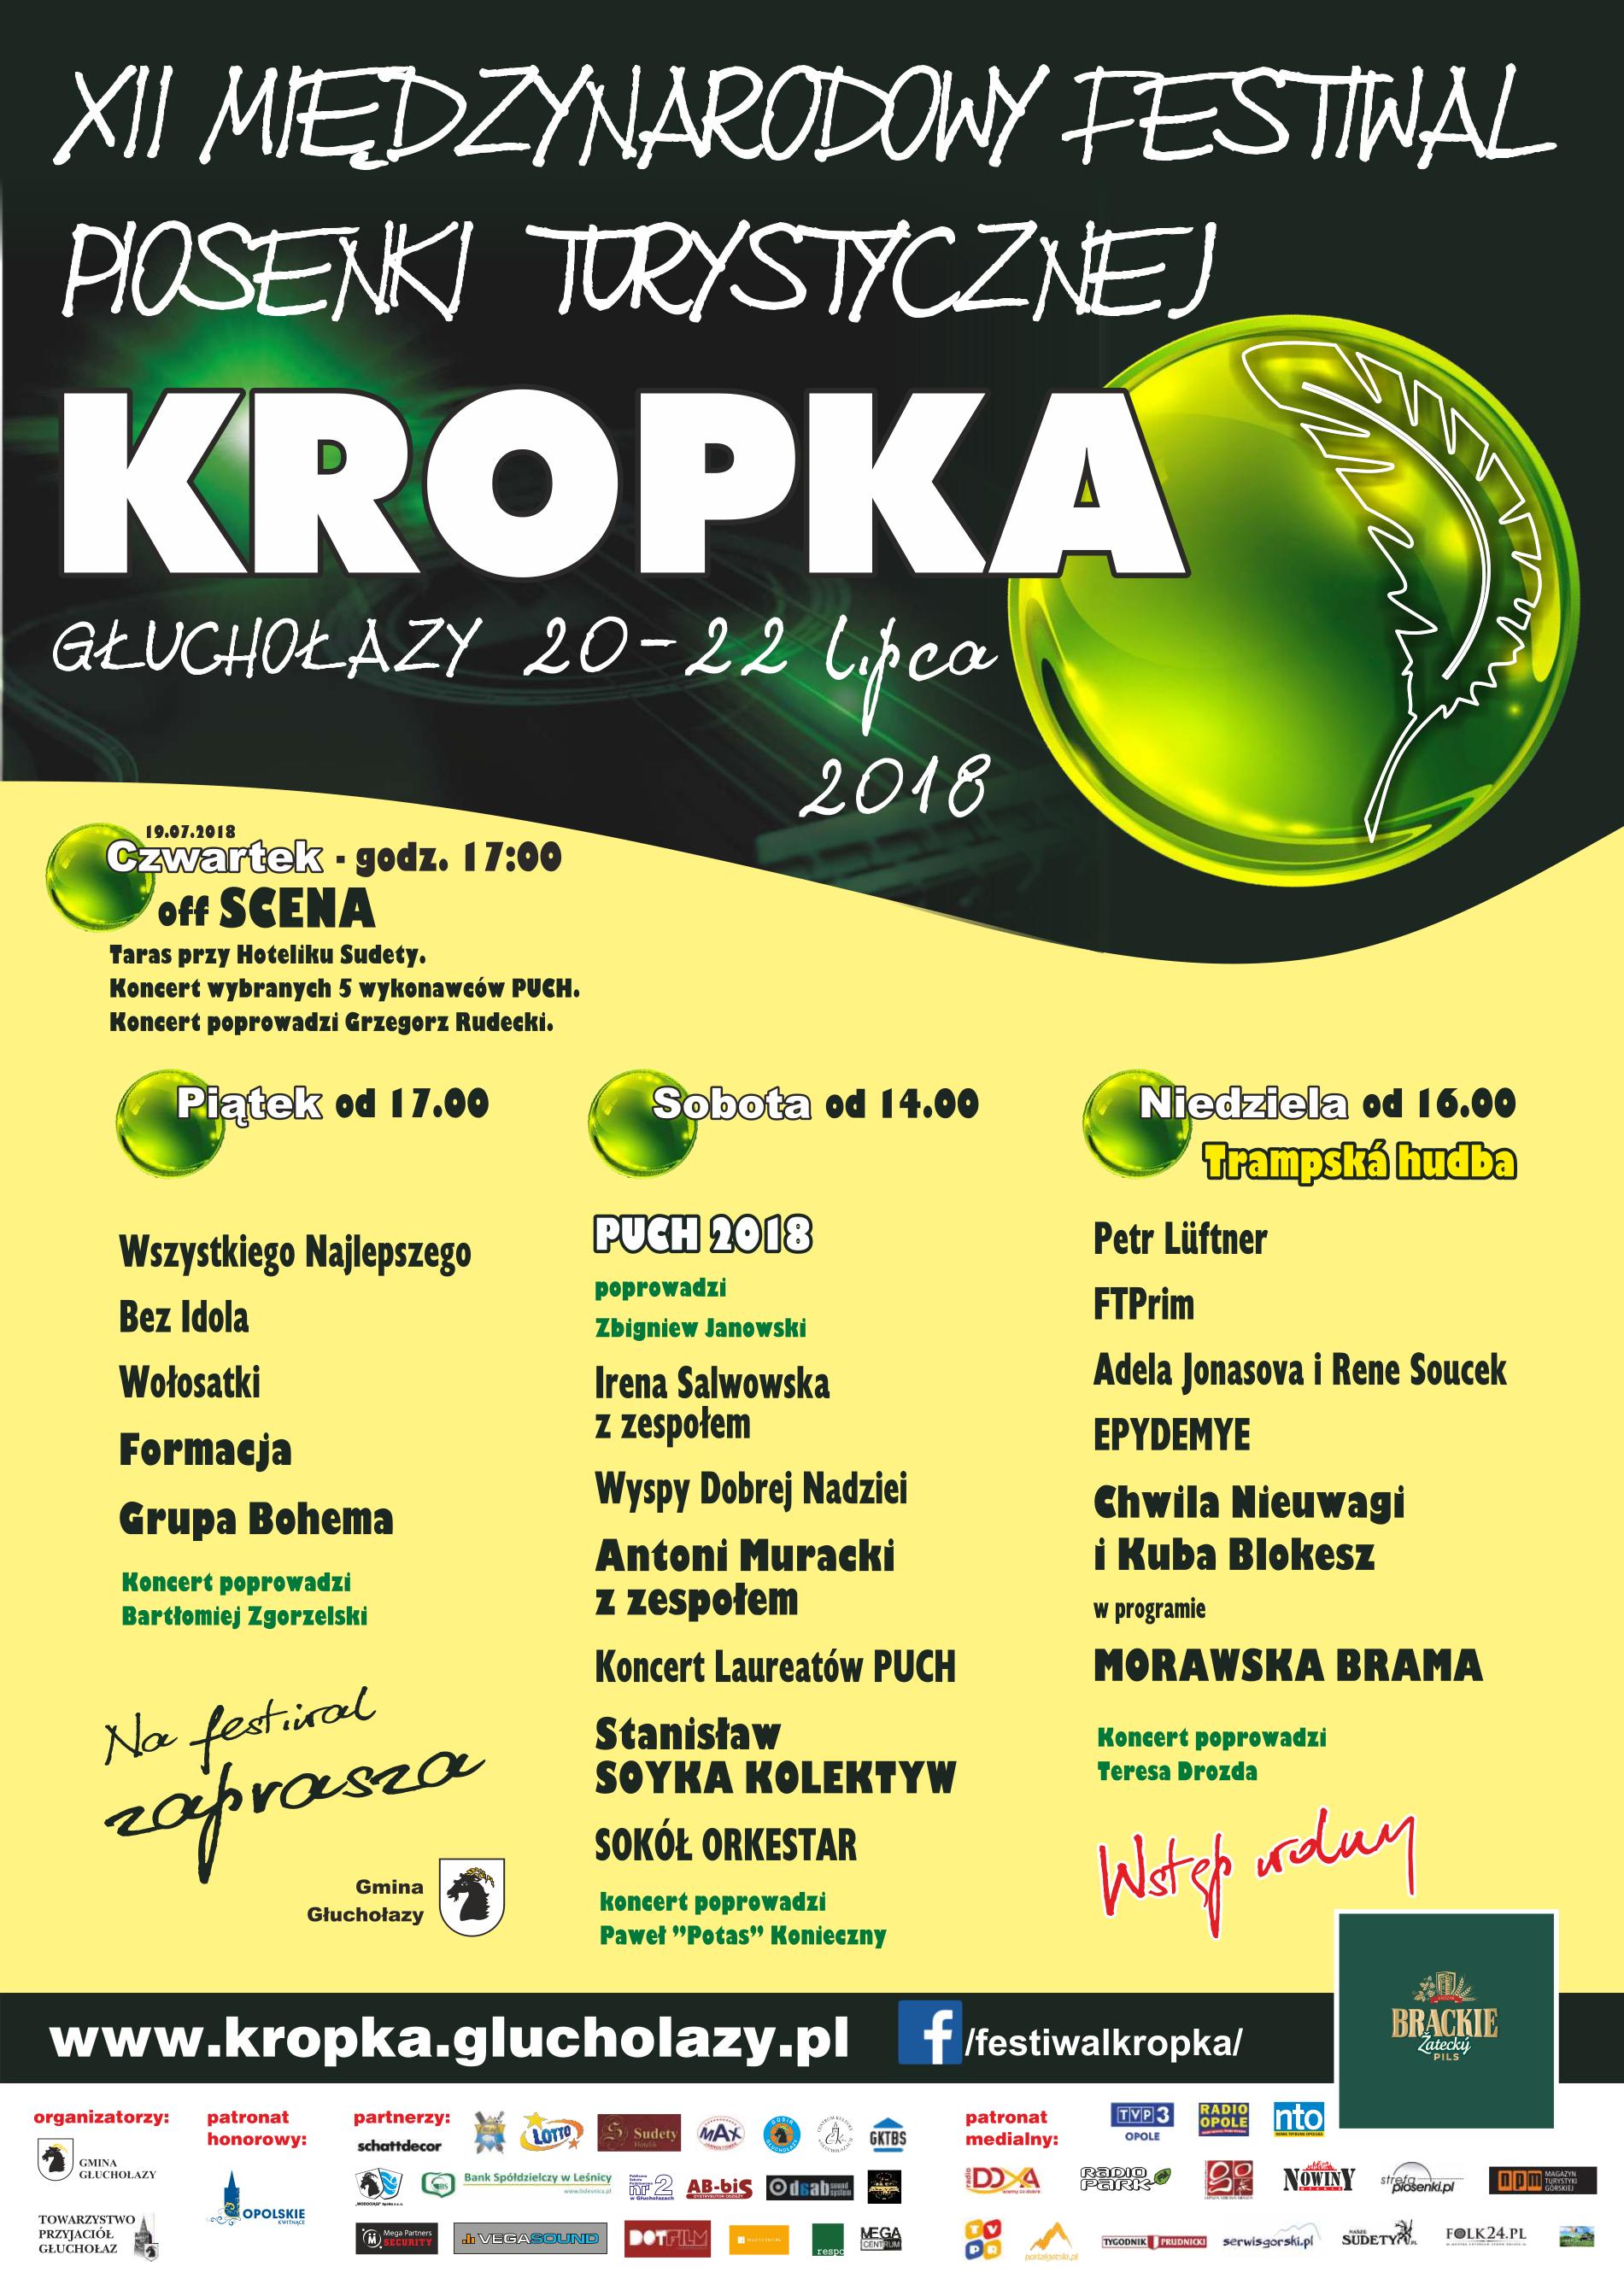 Międzynarodowy Festiwal Piosenki Turystycznej 'Kropka' od czwartku (19.07) do niedzieli (22.07)